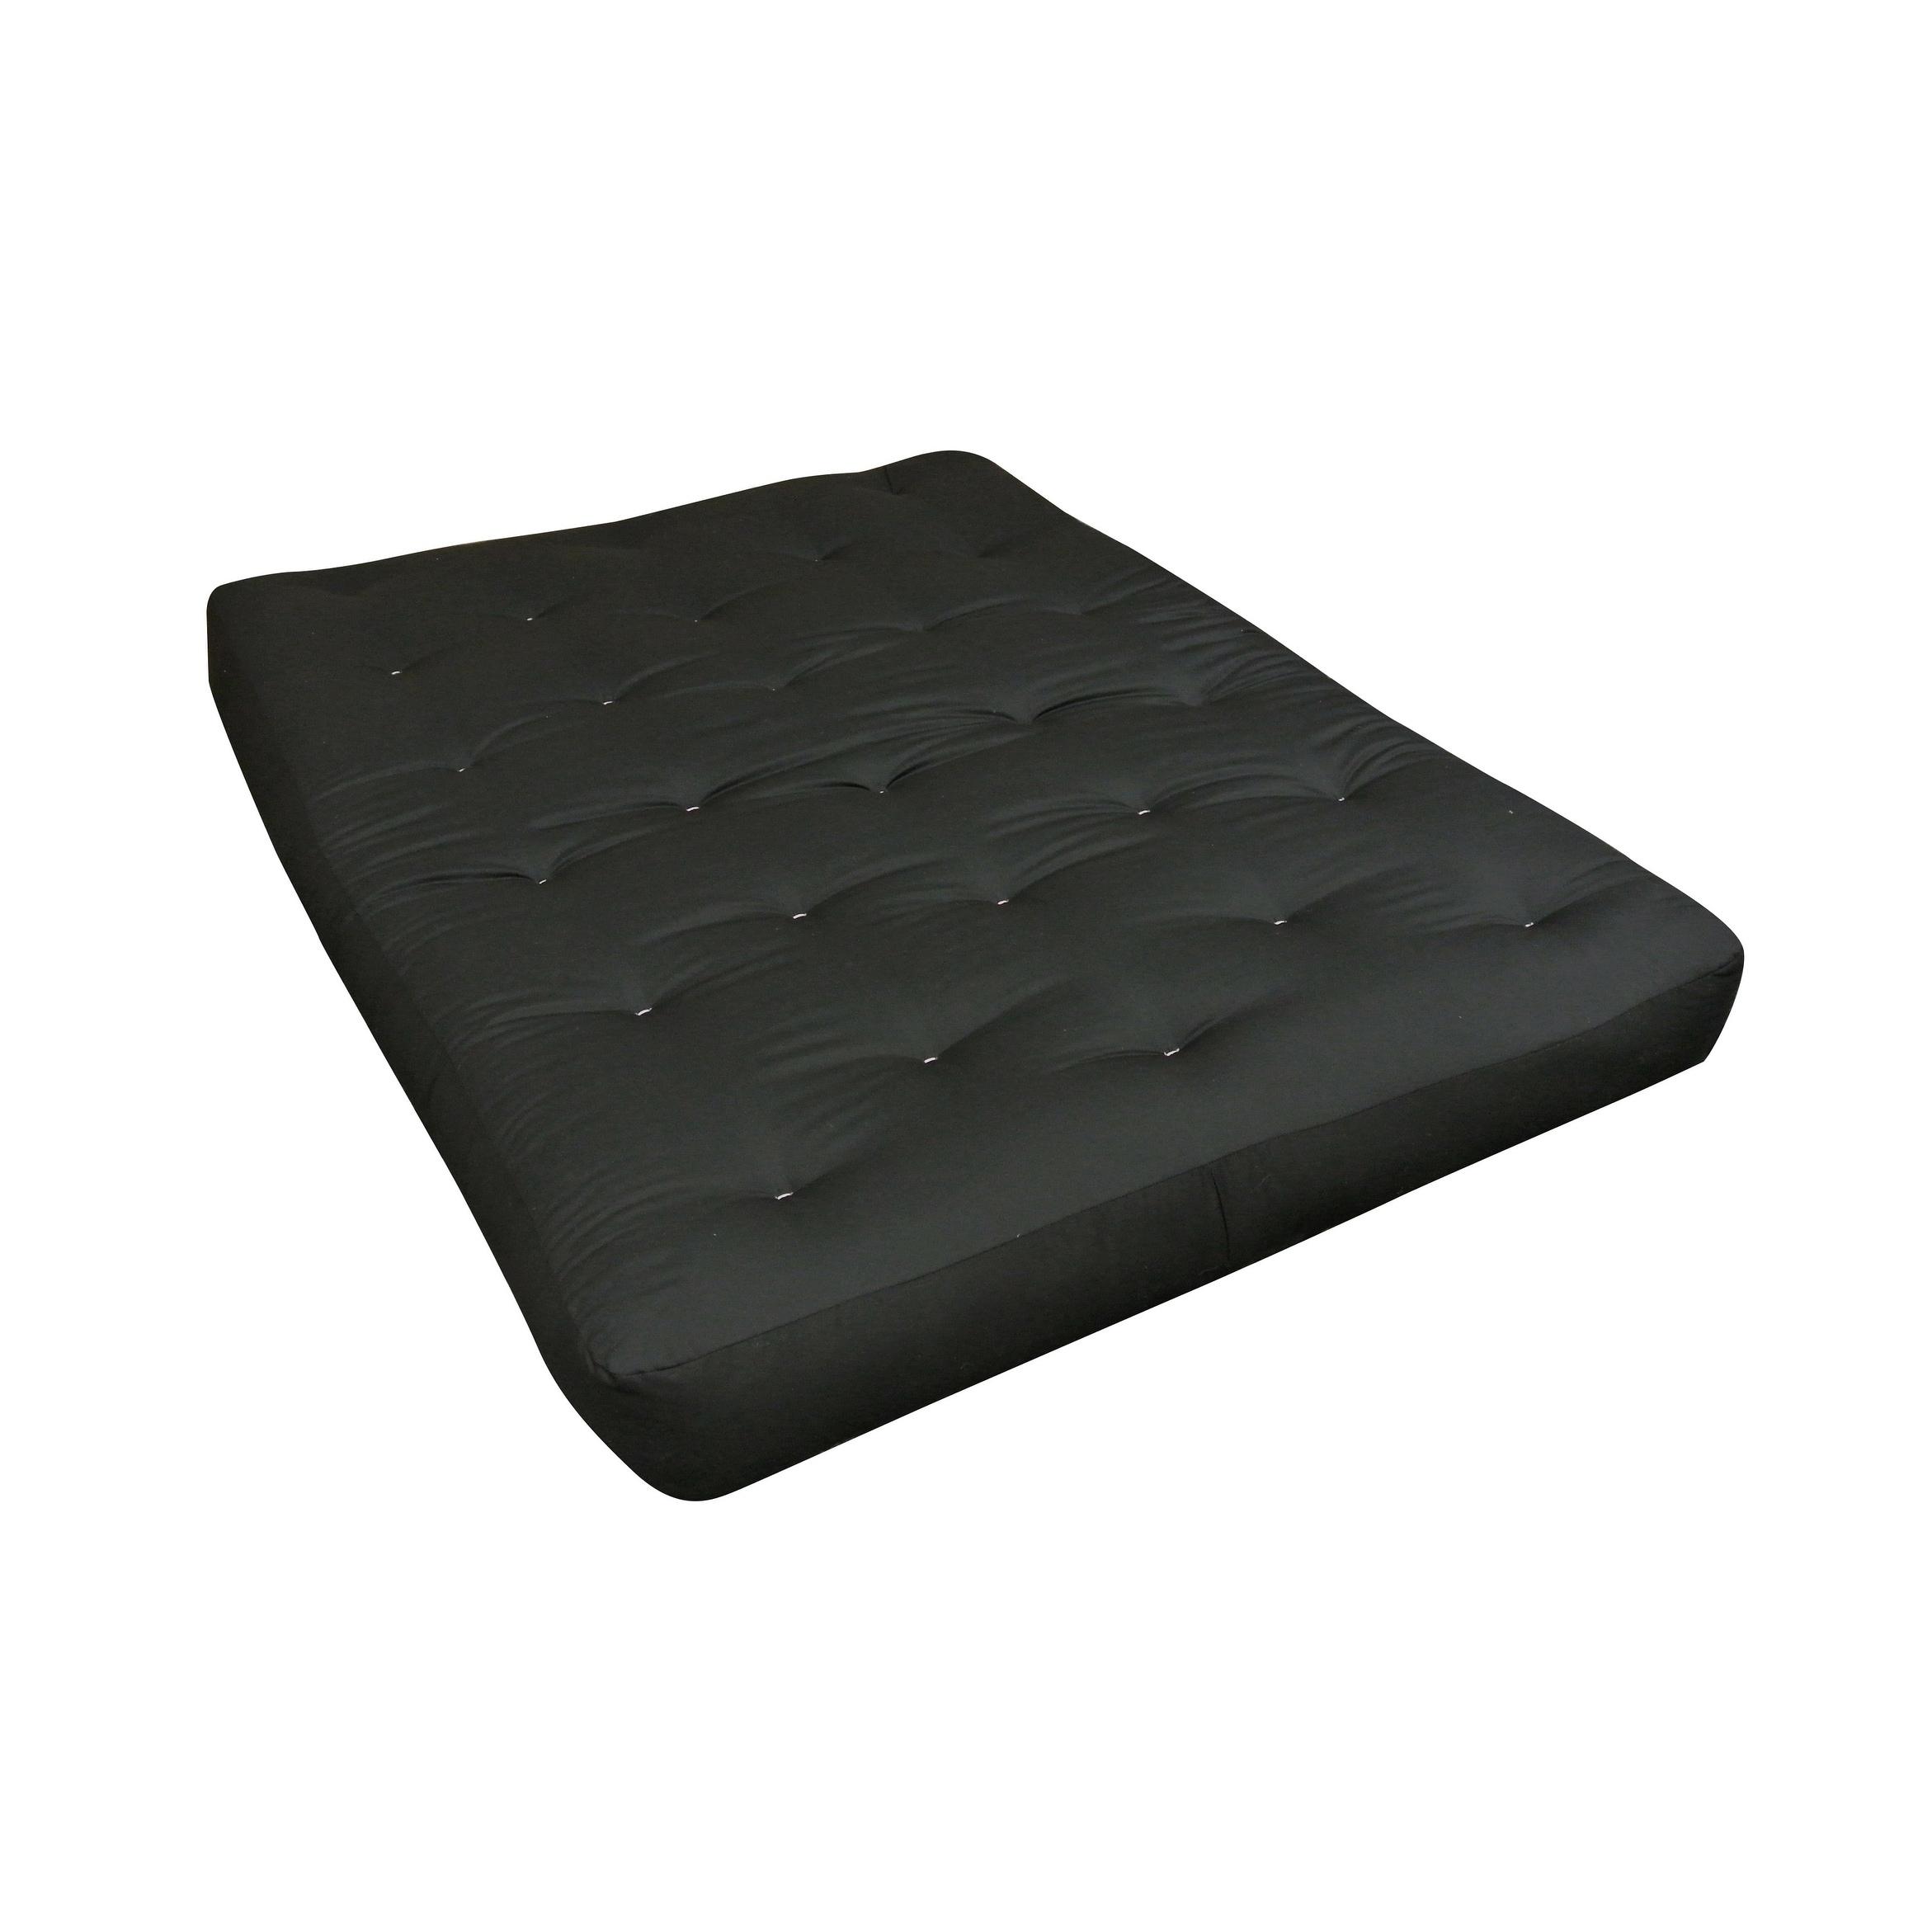 Cotton Cott Size 30x75 Black Duct Futon